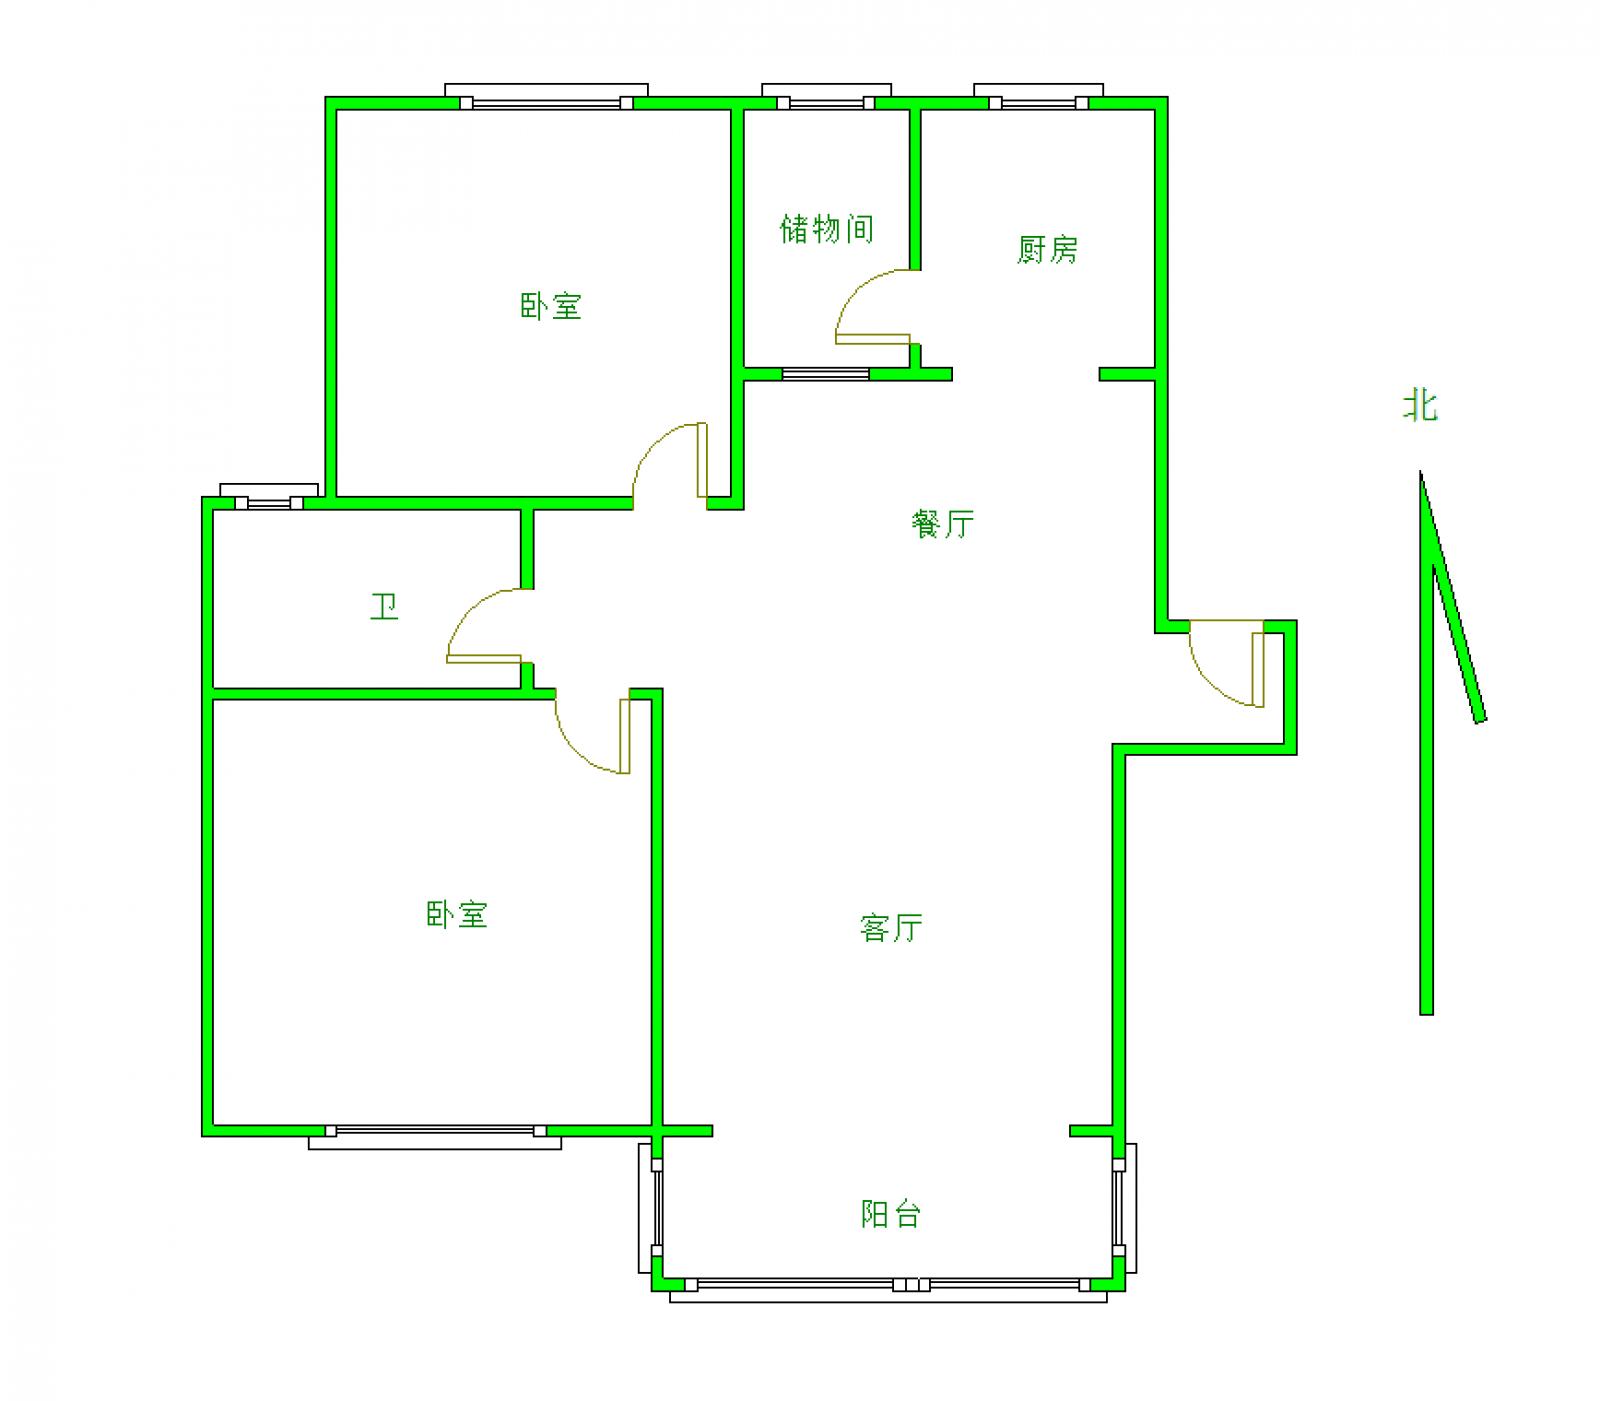 浔城湖锦 2室2厅88.44㎡